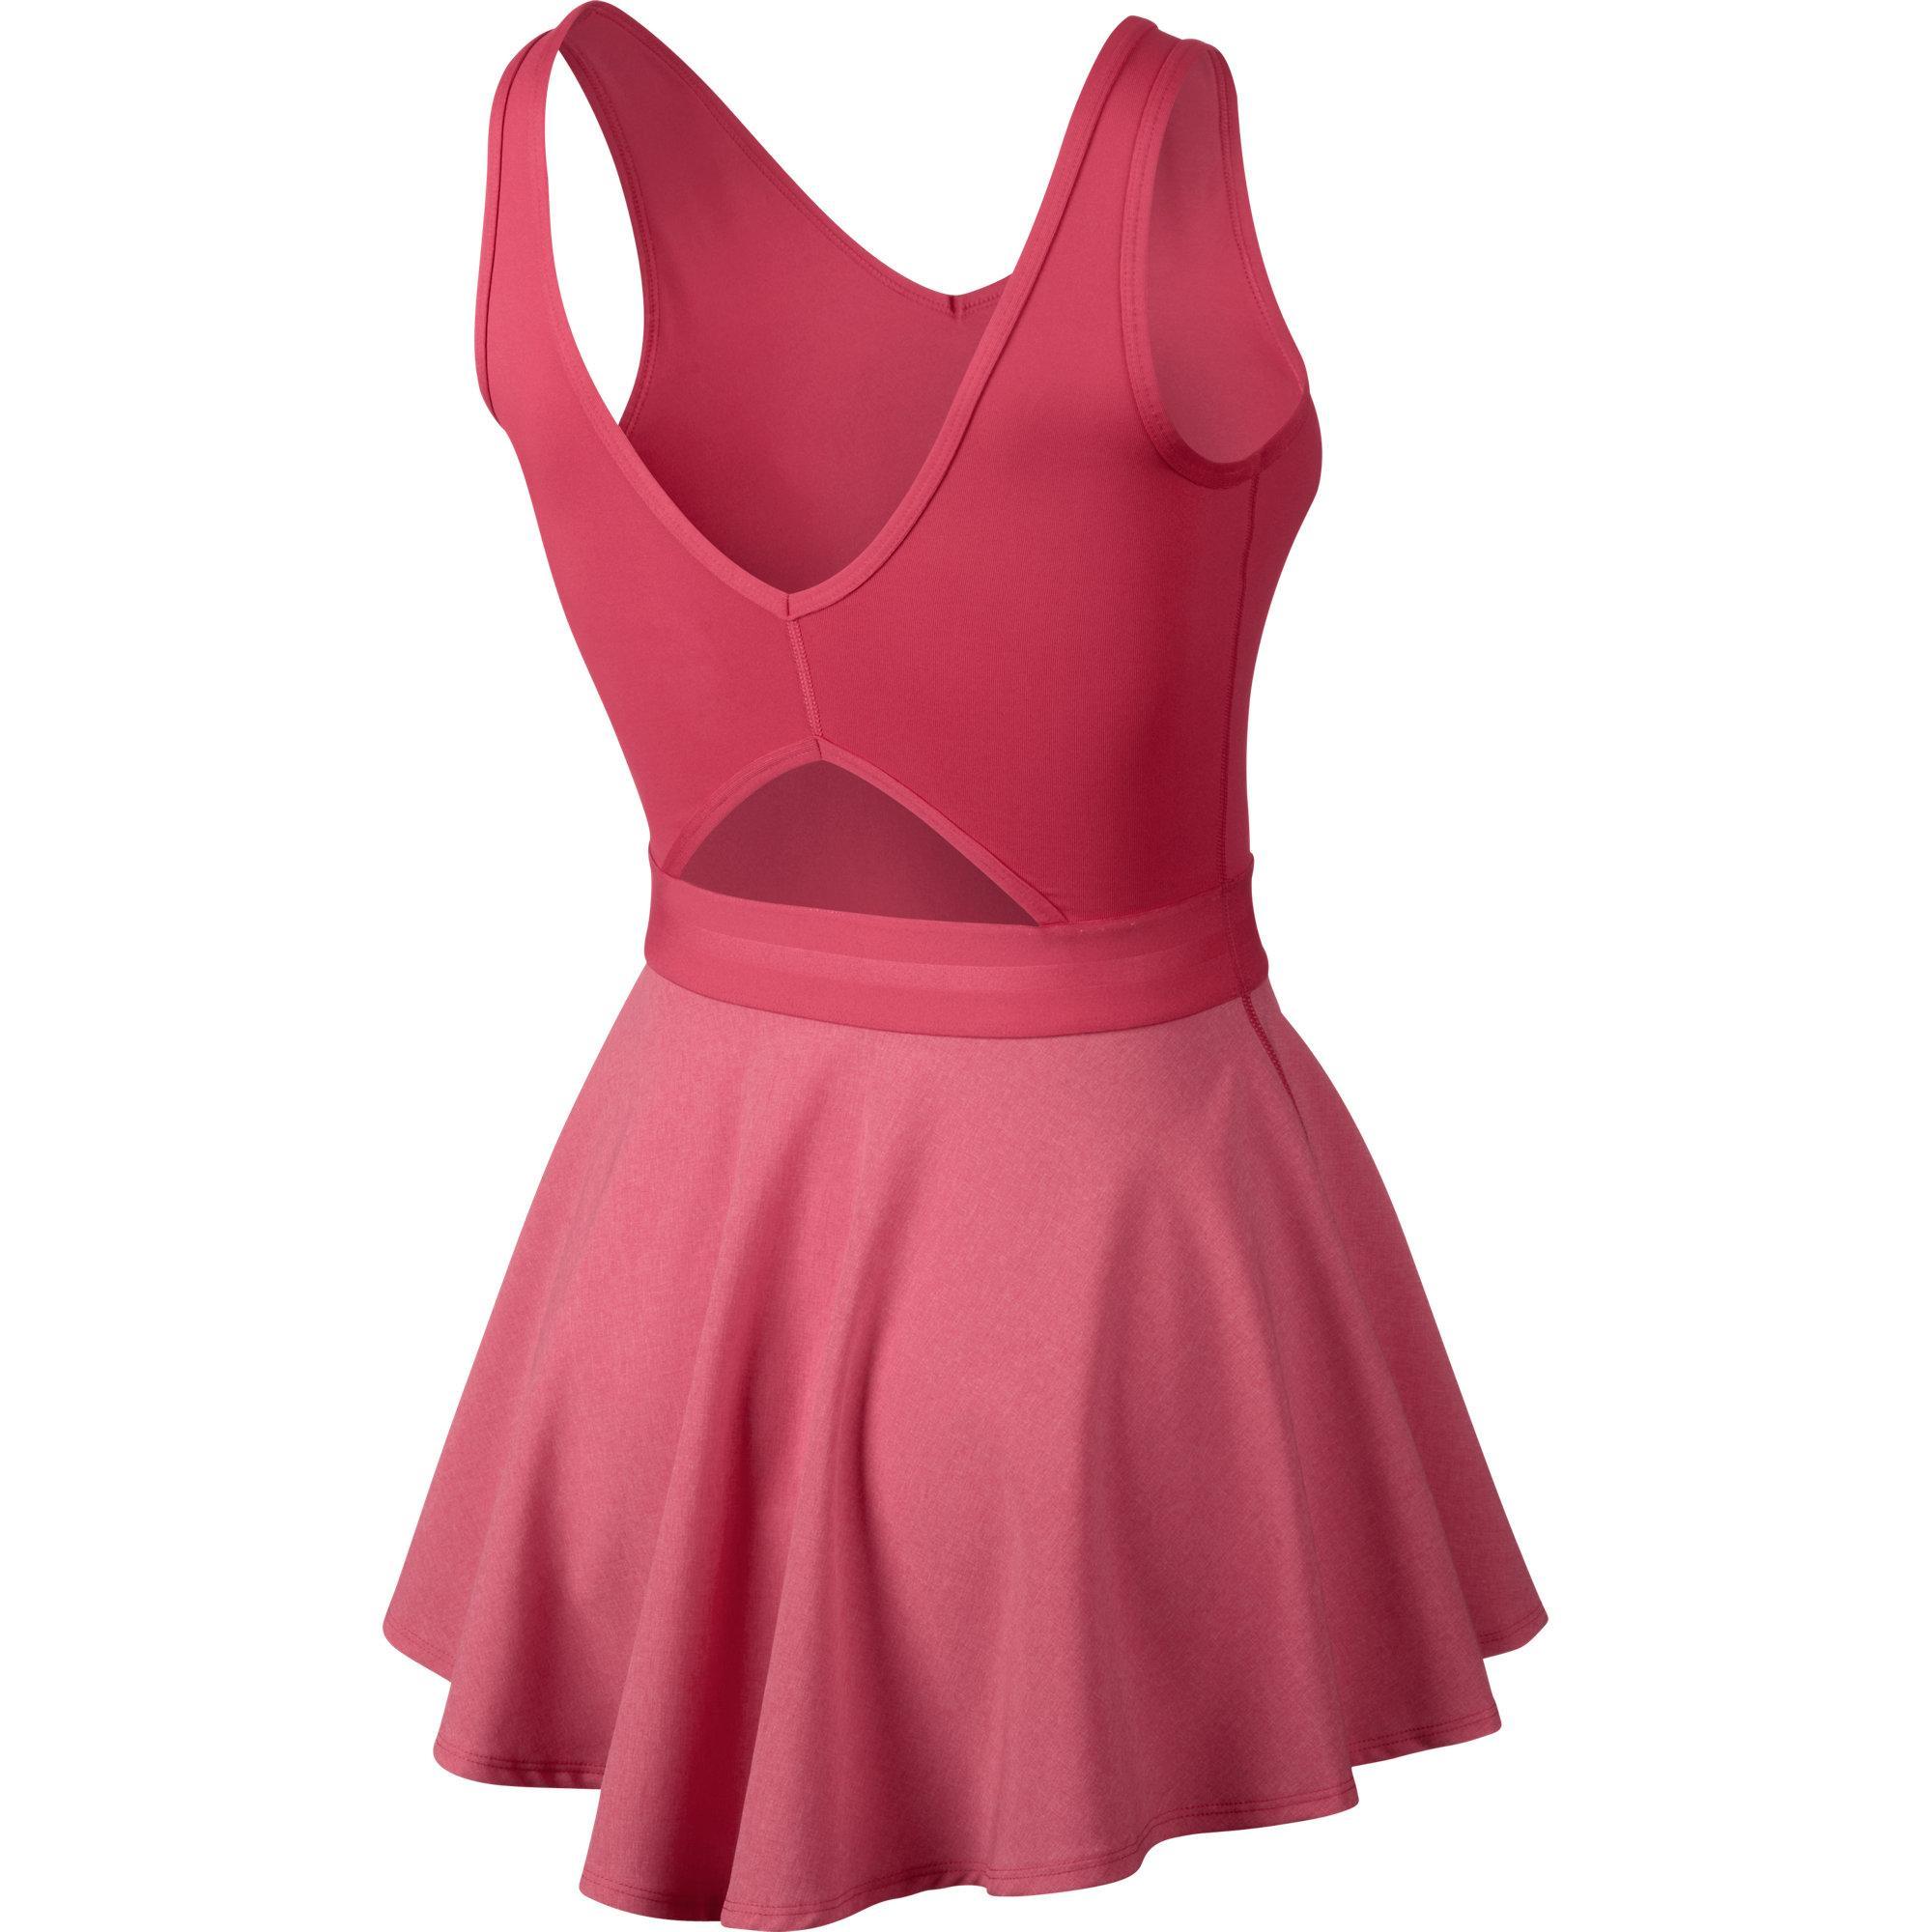 Creative Adidas By Stella McCartney Stella Tennis Dress  SHOPBOP